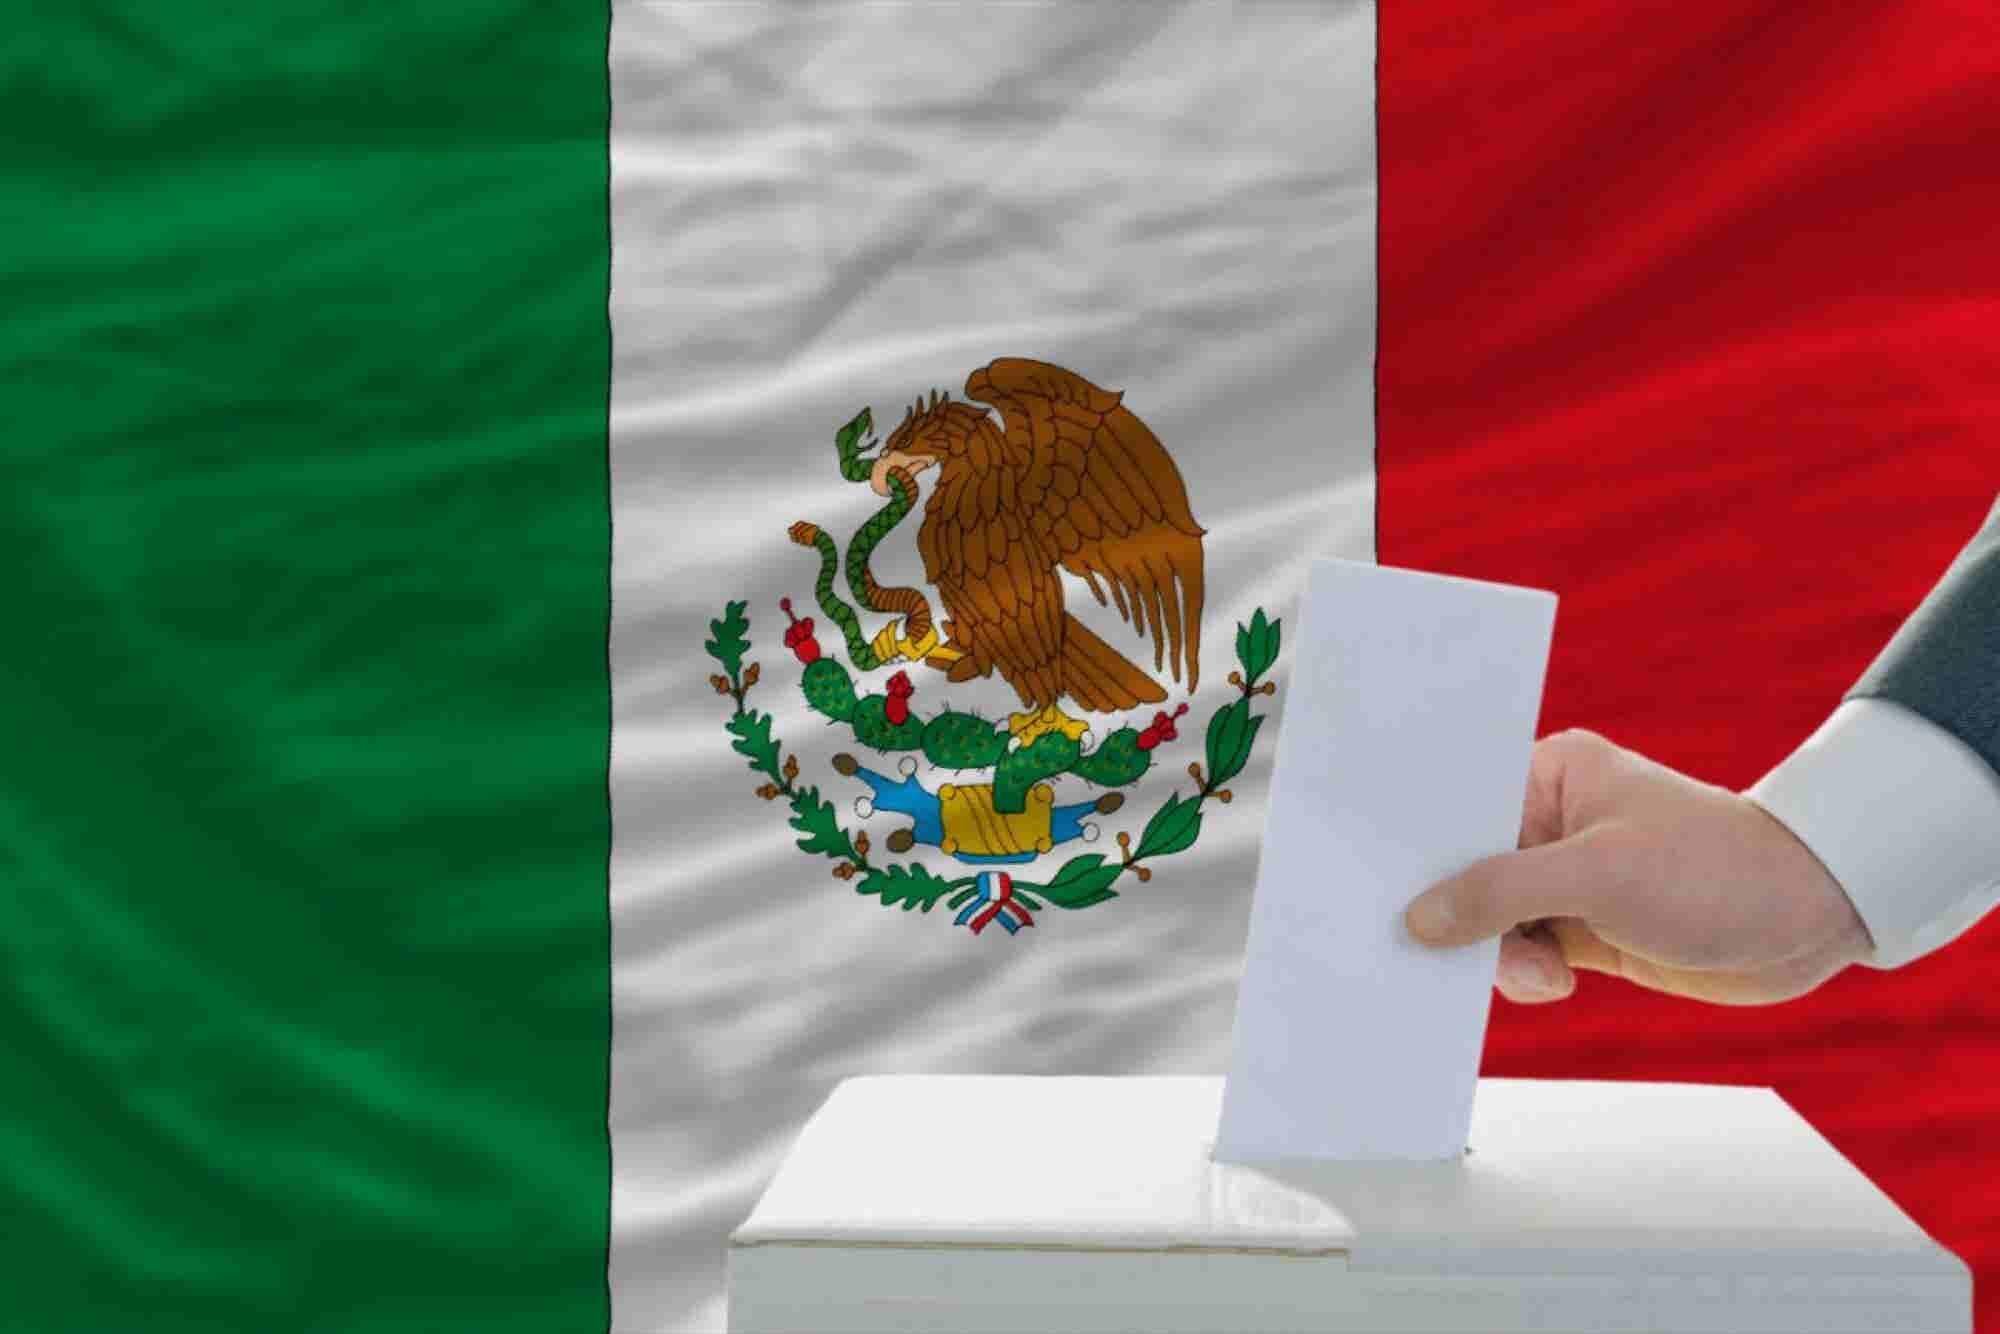 ¿Cómo funcionan las casillas especiales en estas elecciones?